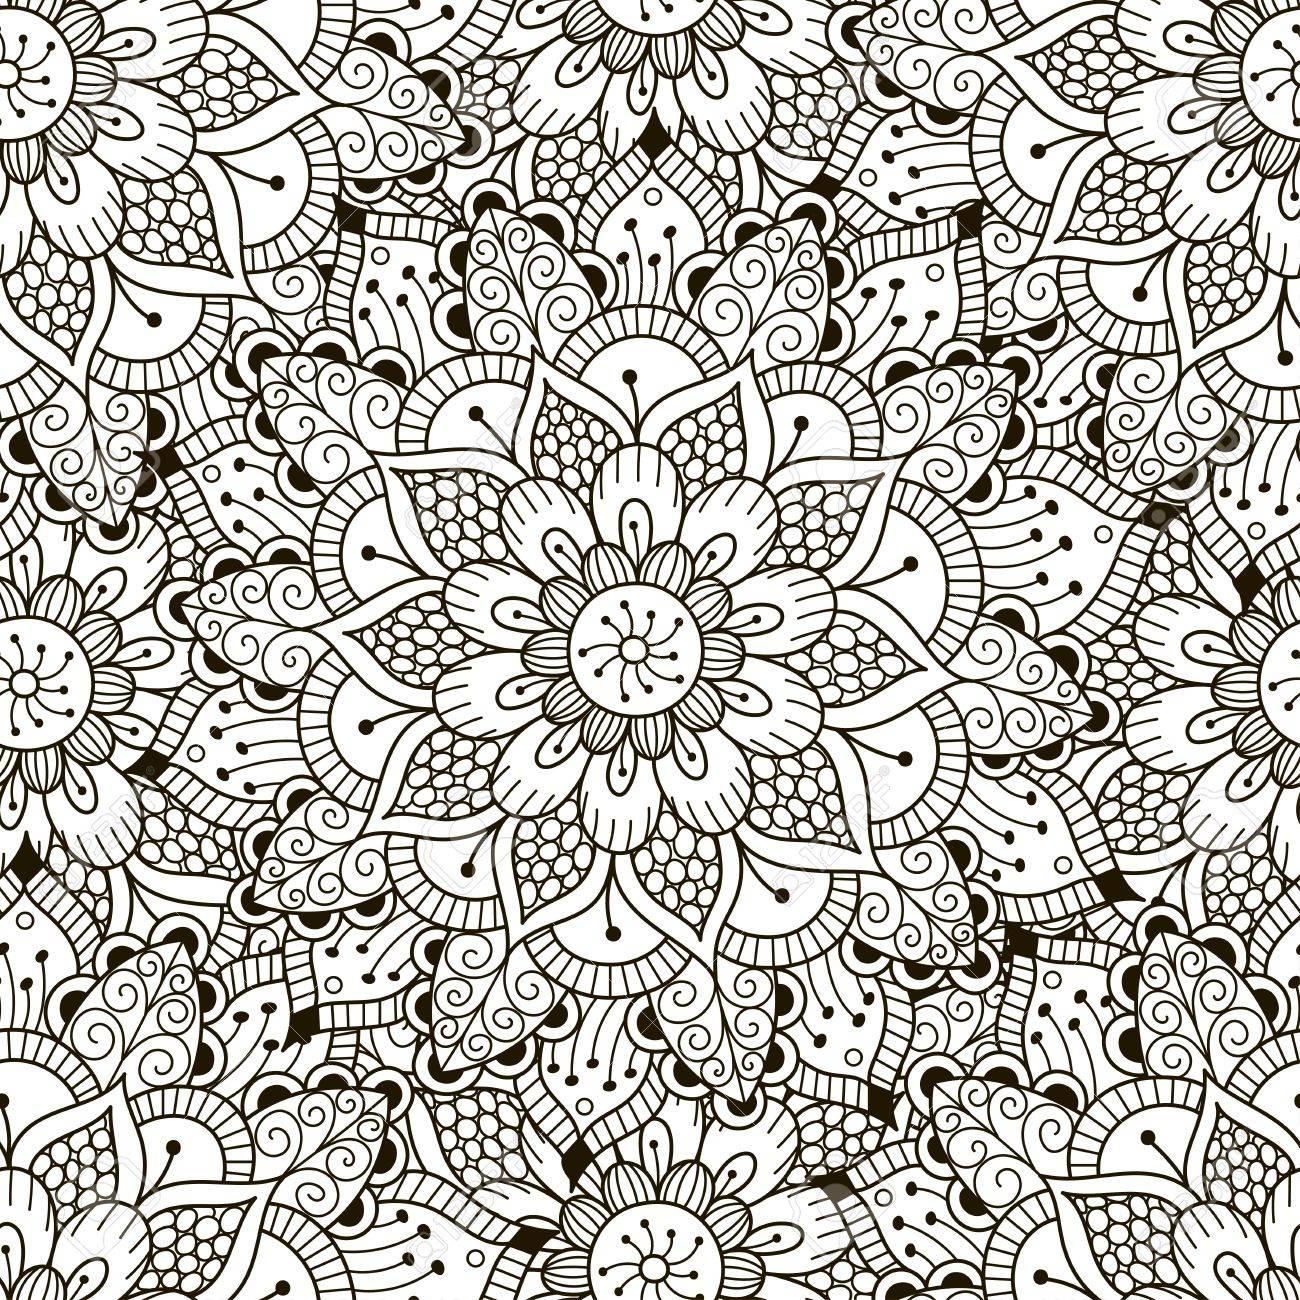 Floral Ornament Nahtlose Muster. Malvorlagen Für Erwachsene. Schwarz ...